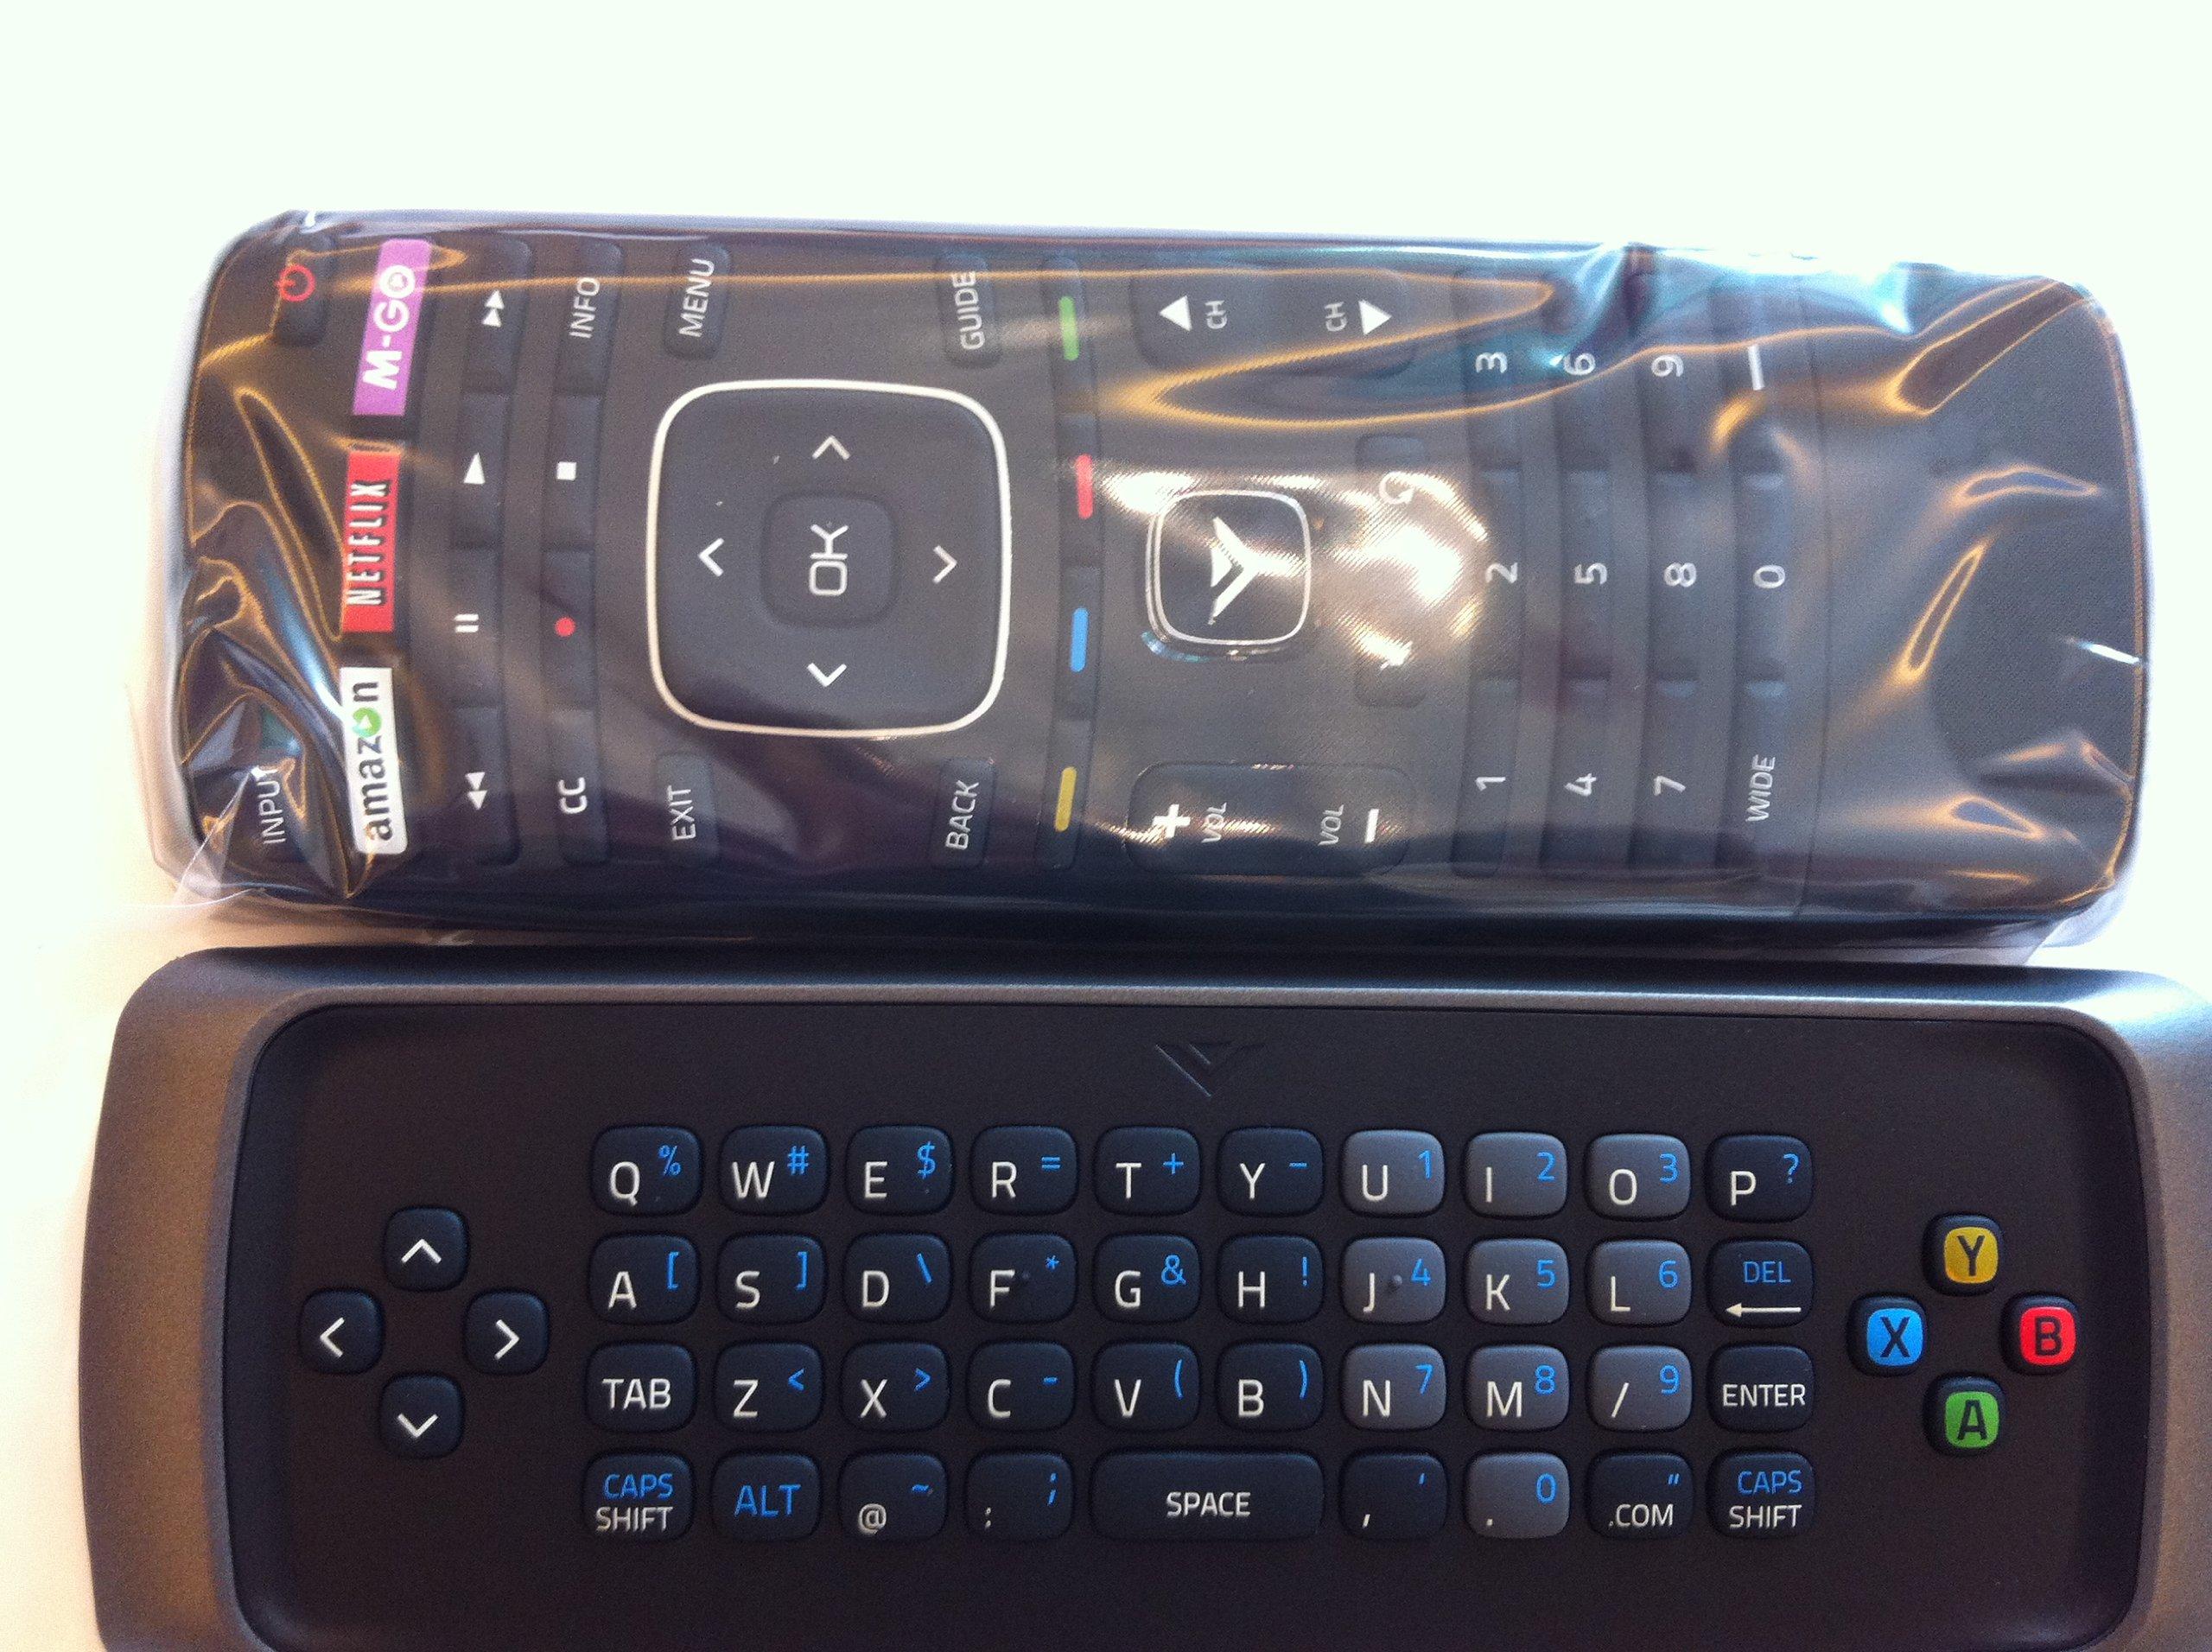 New Smart TV keyboard remote XRT302 for VIZIO E420i-A0 E500i-A0 E470I-A0 E502AR TV---30 days warranty